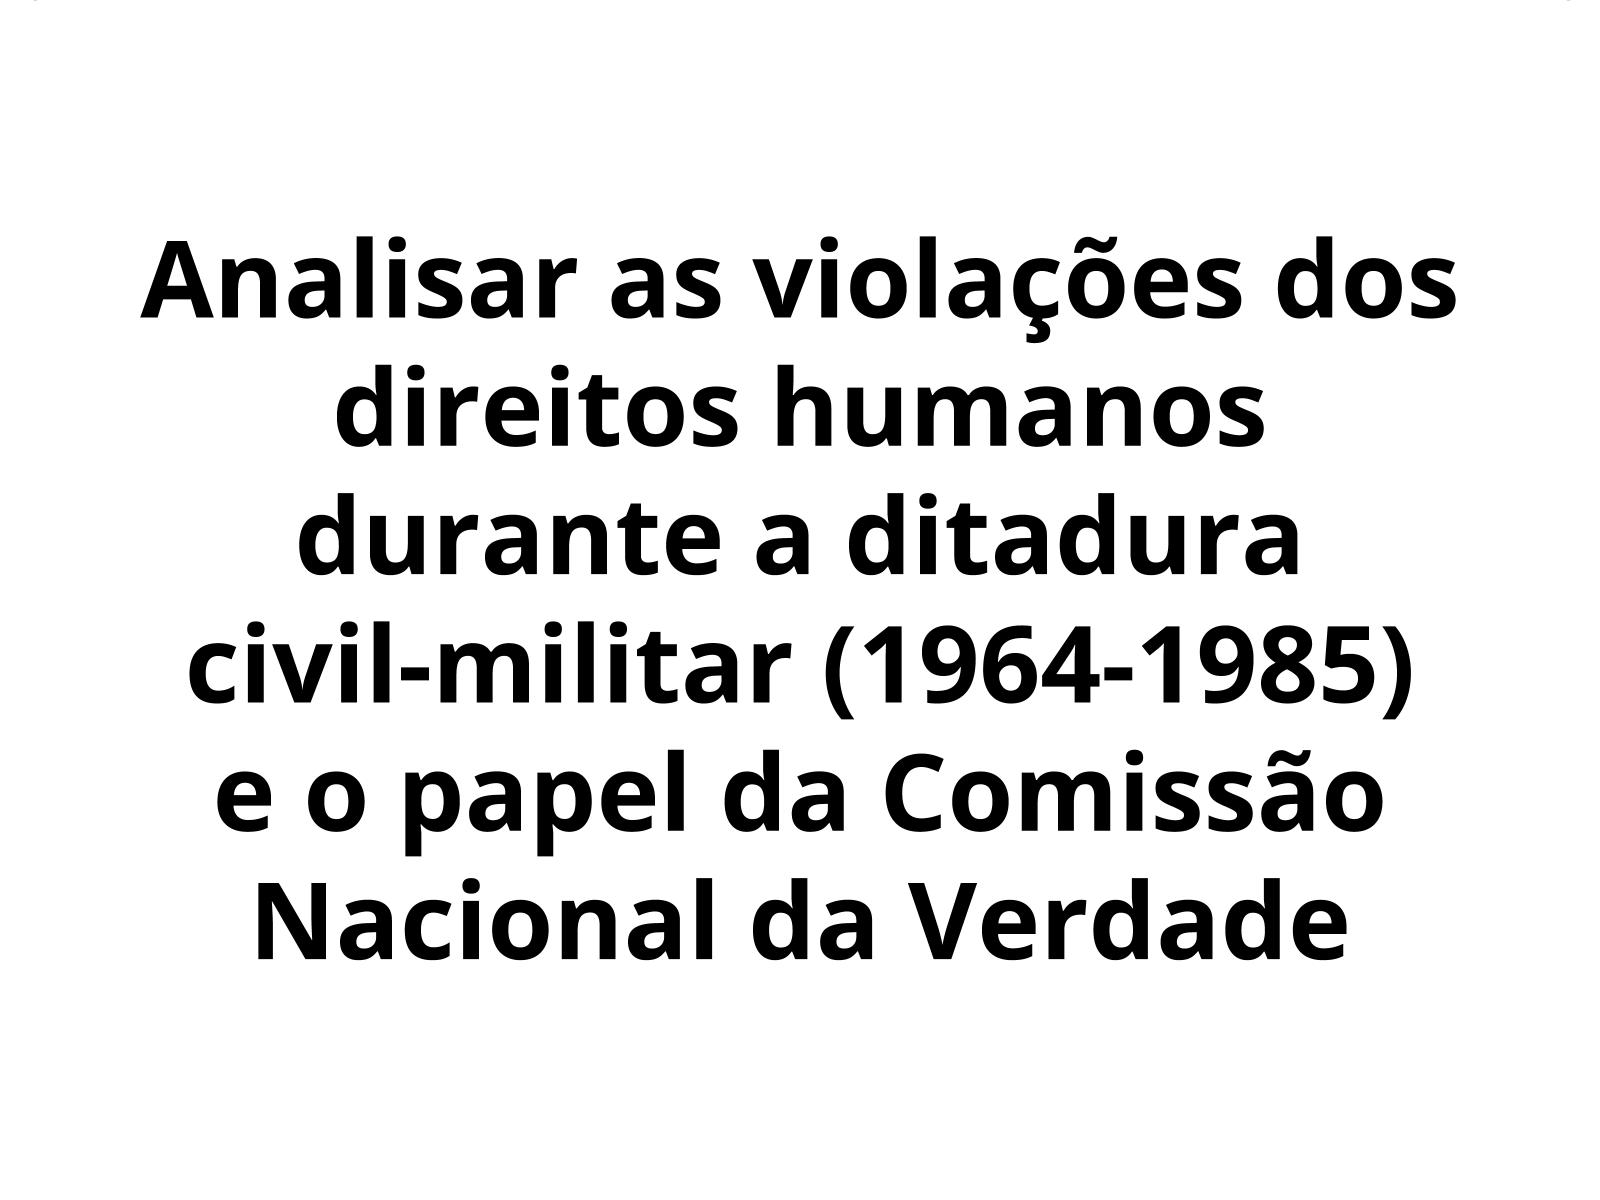 Ditadura civil-militar: memória e direitos humanos